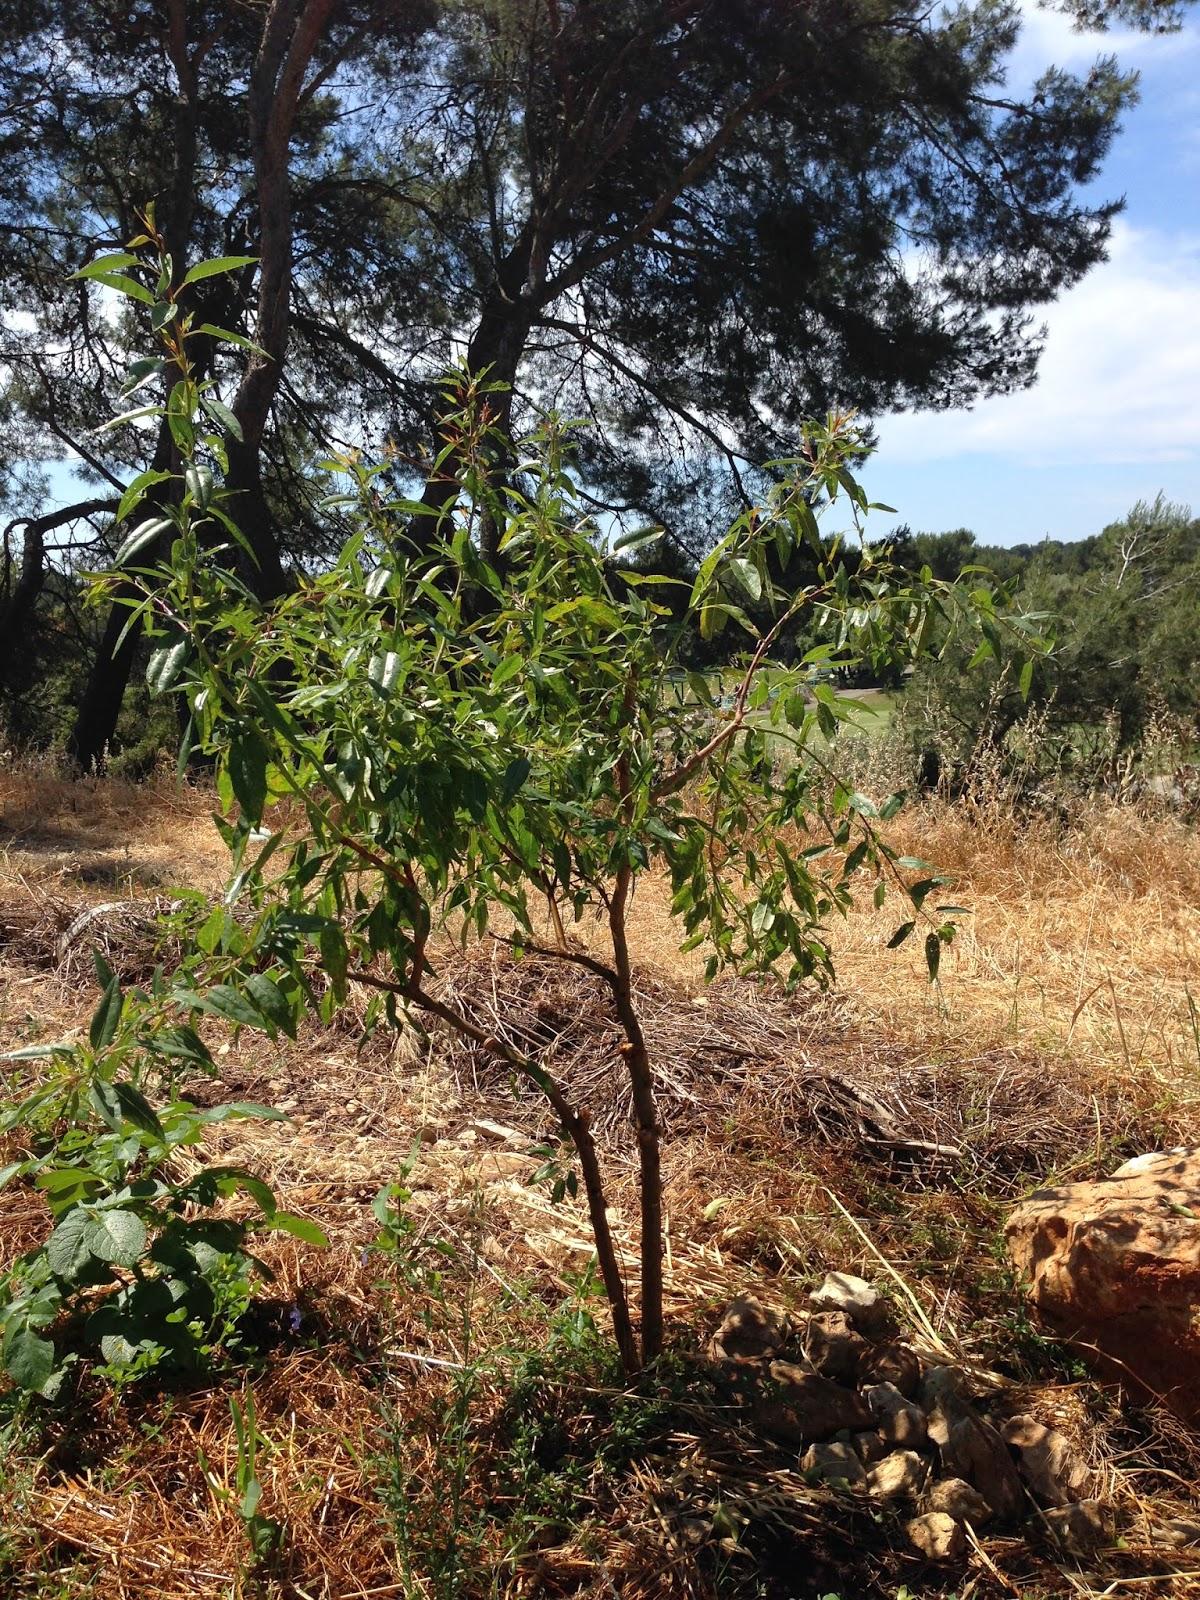 Jardin participatif innovant semons le coeur du monde gardien de semences reproductibles - Espace entre les pieds de tomates ...